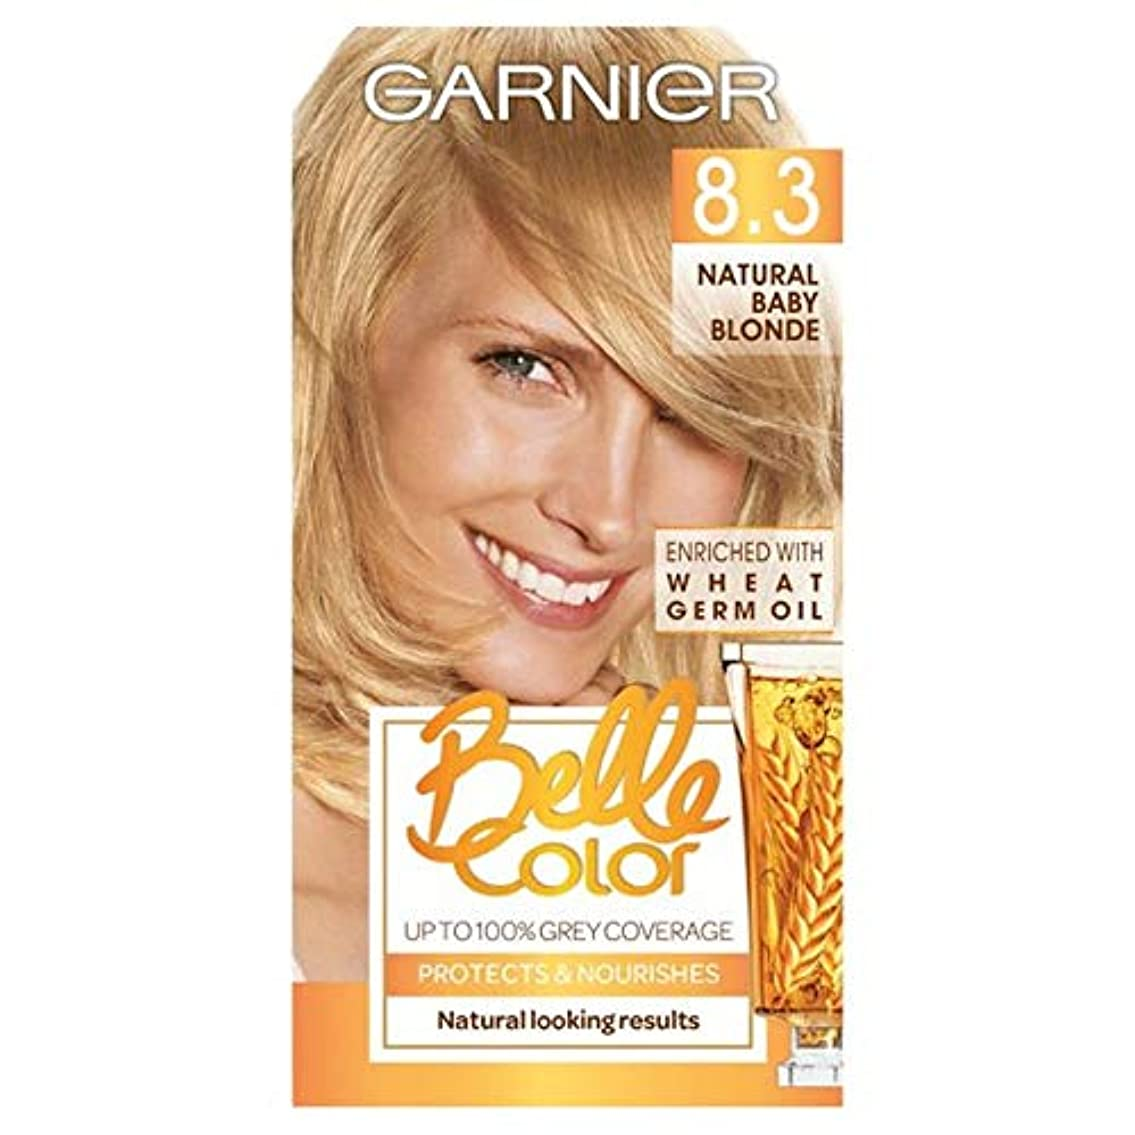 ねじれ囚人司教[Belle Color ] ガーン/ベル/Clr 8.3自然な赤ん坊ブロンドの永久染毛剤 - Garn/Bel/Clr 8.3 Natural Baby Blonde Permanent Hair Dye [並行輸入品]